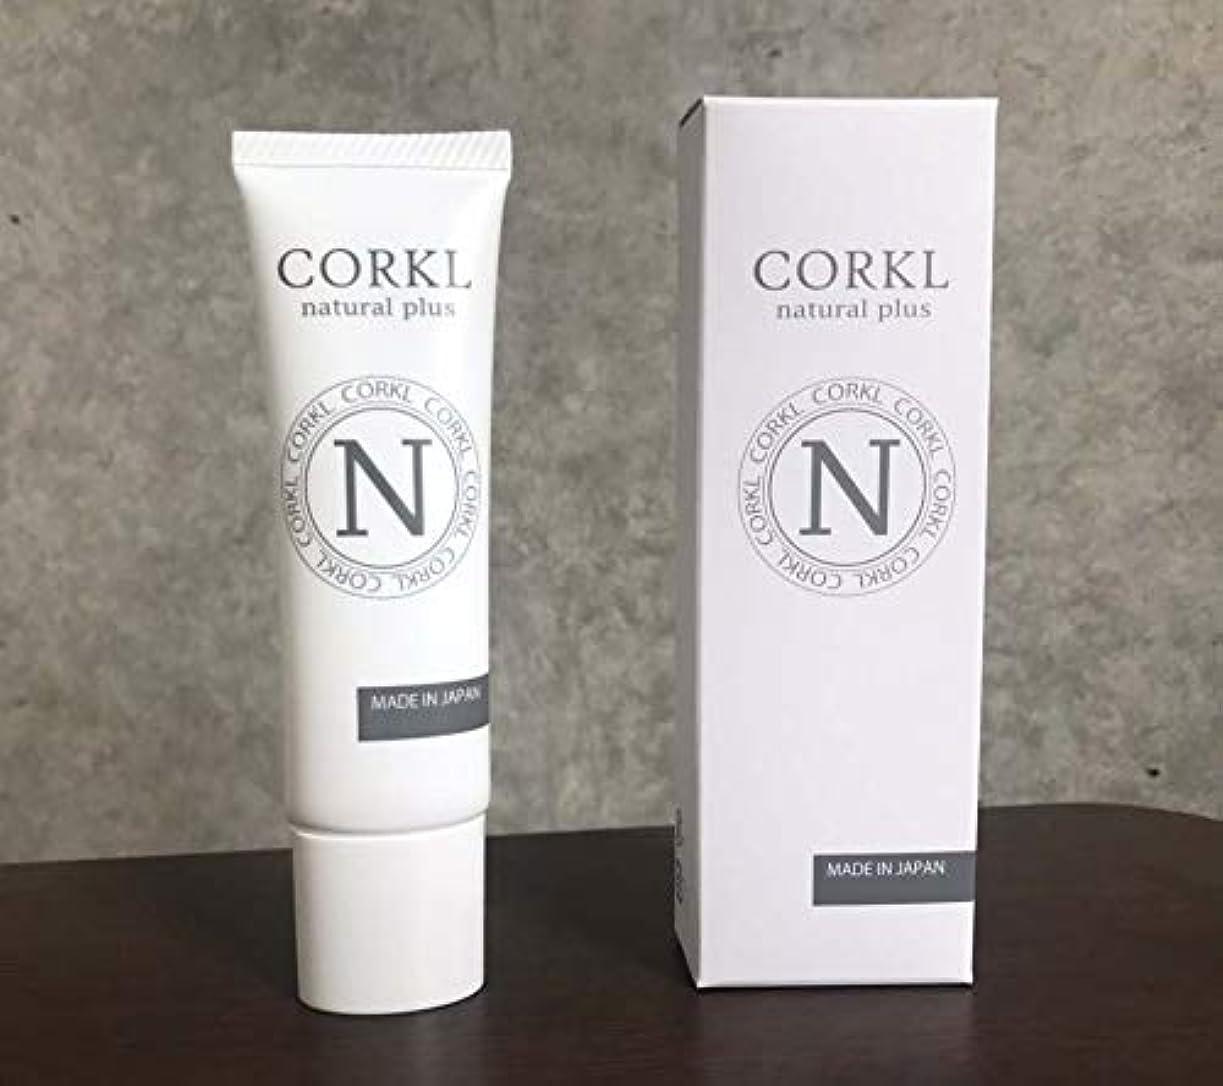 一瞬オーストラリア人タワーコルクルナチュルクリーム(CORKL)手汗?顔汗に悩む方向けに開発された国産化粧品